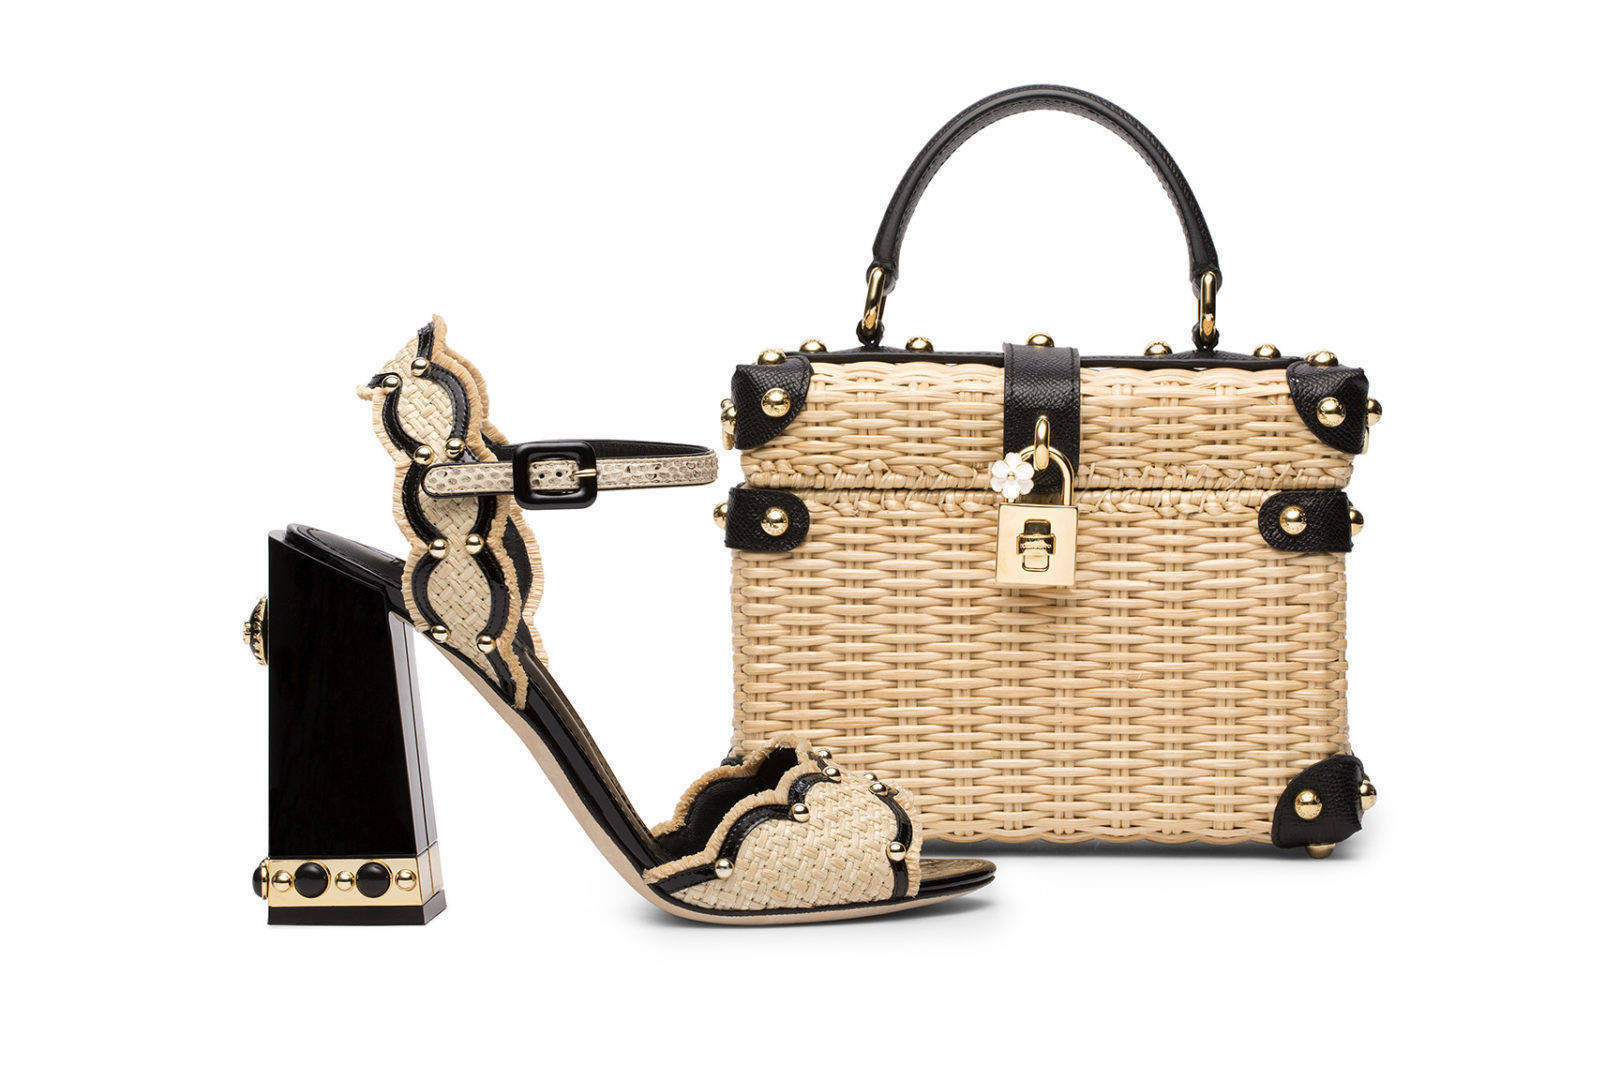 DolceGabbana_accessories_main-collection_PE18-21